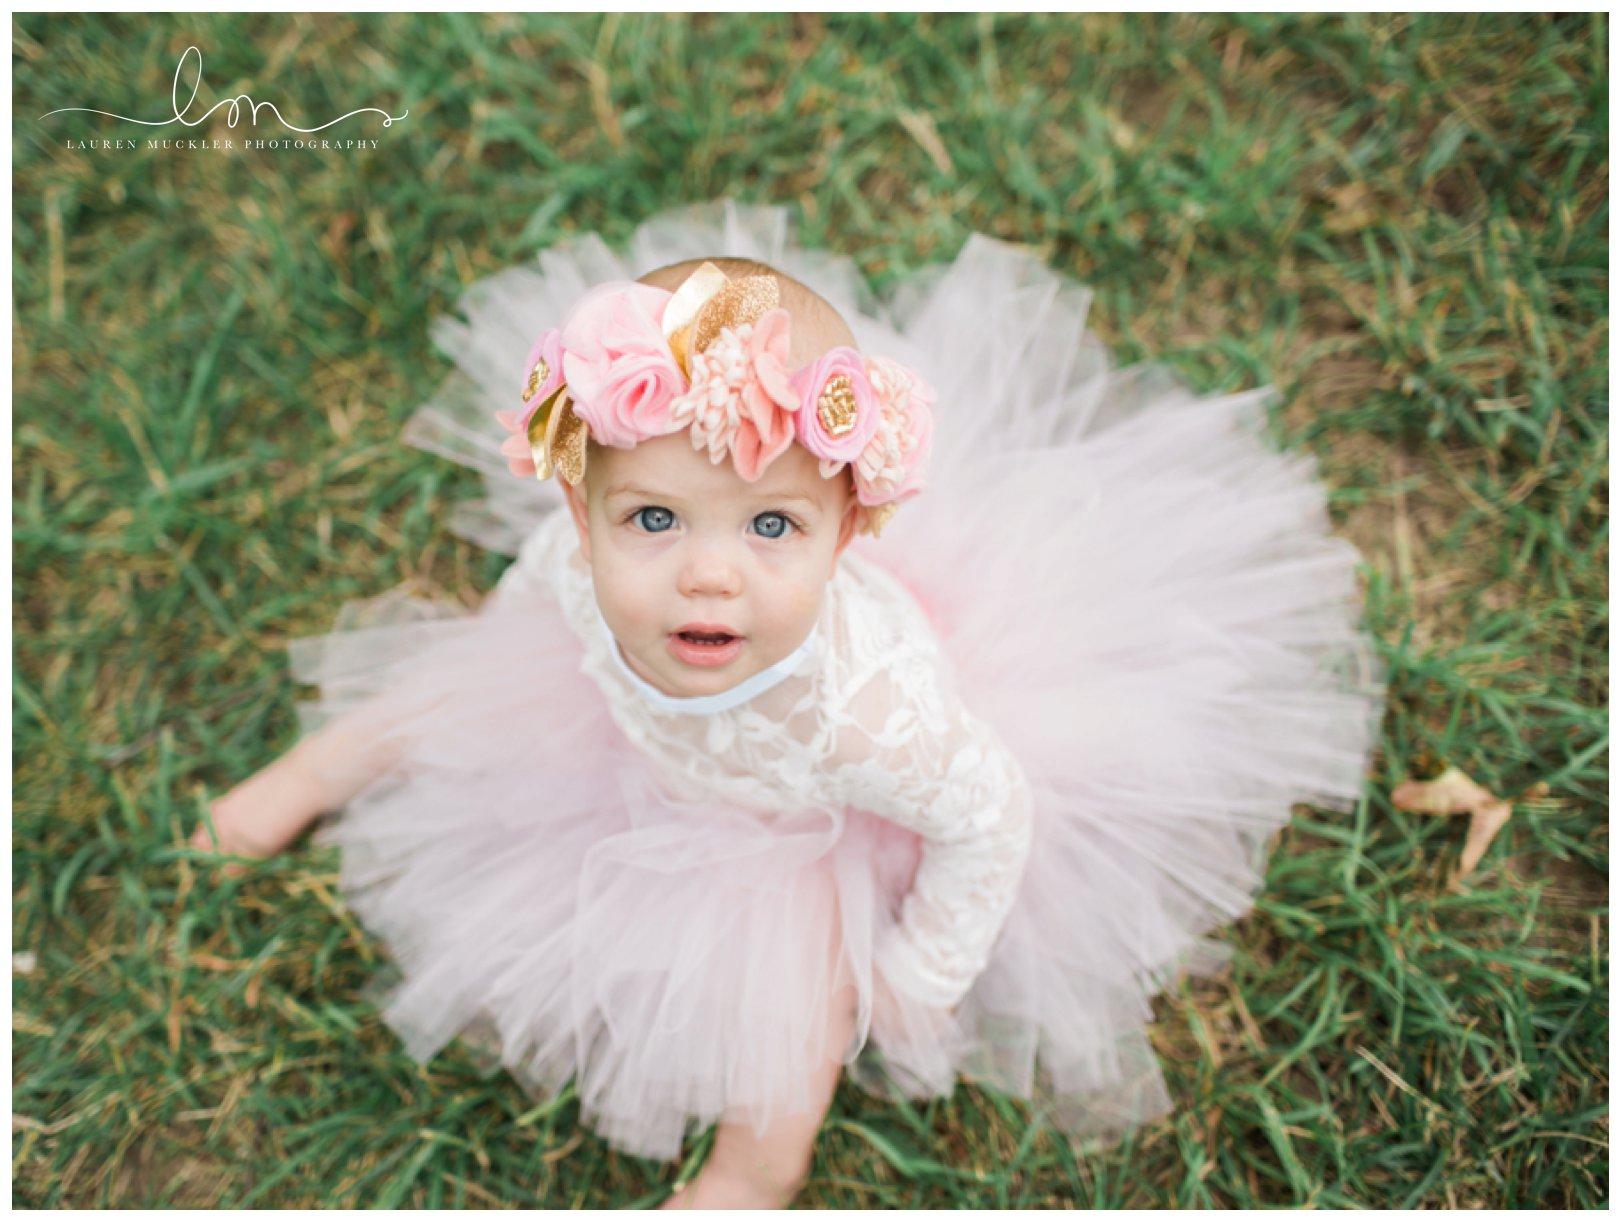 lauren muckler photography_fine art film wedding photography_st louis_photography_0518.jpg